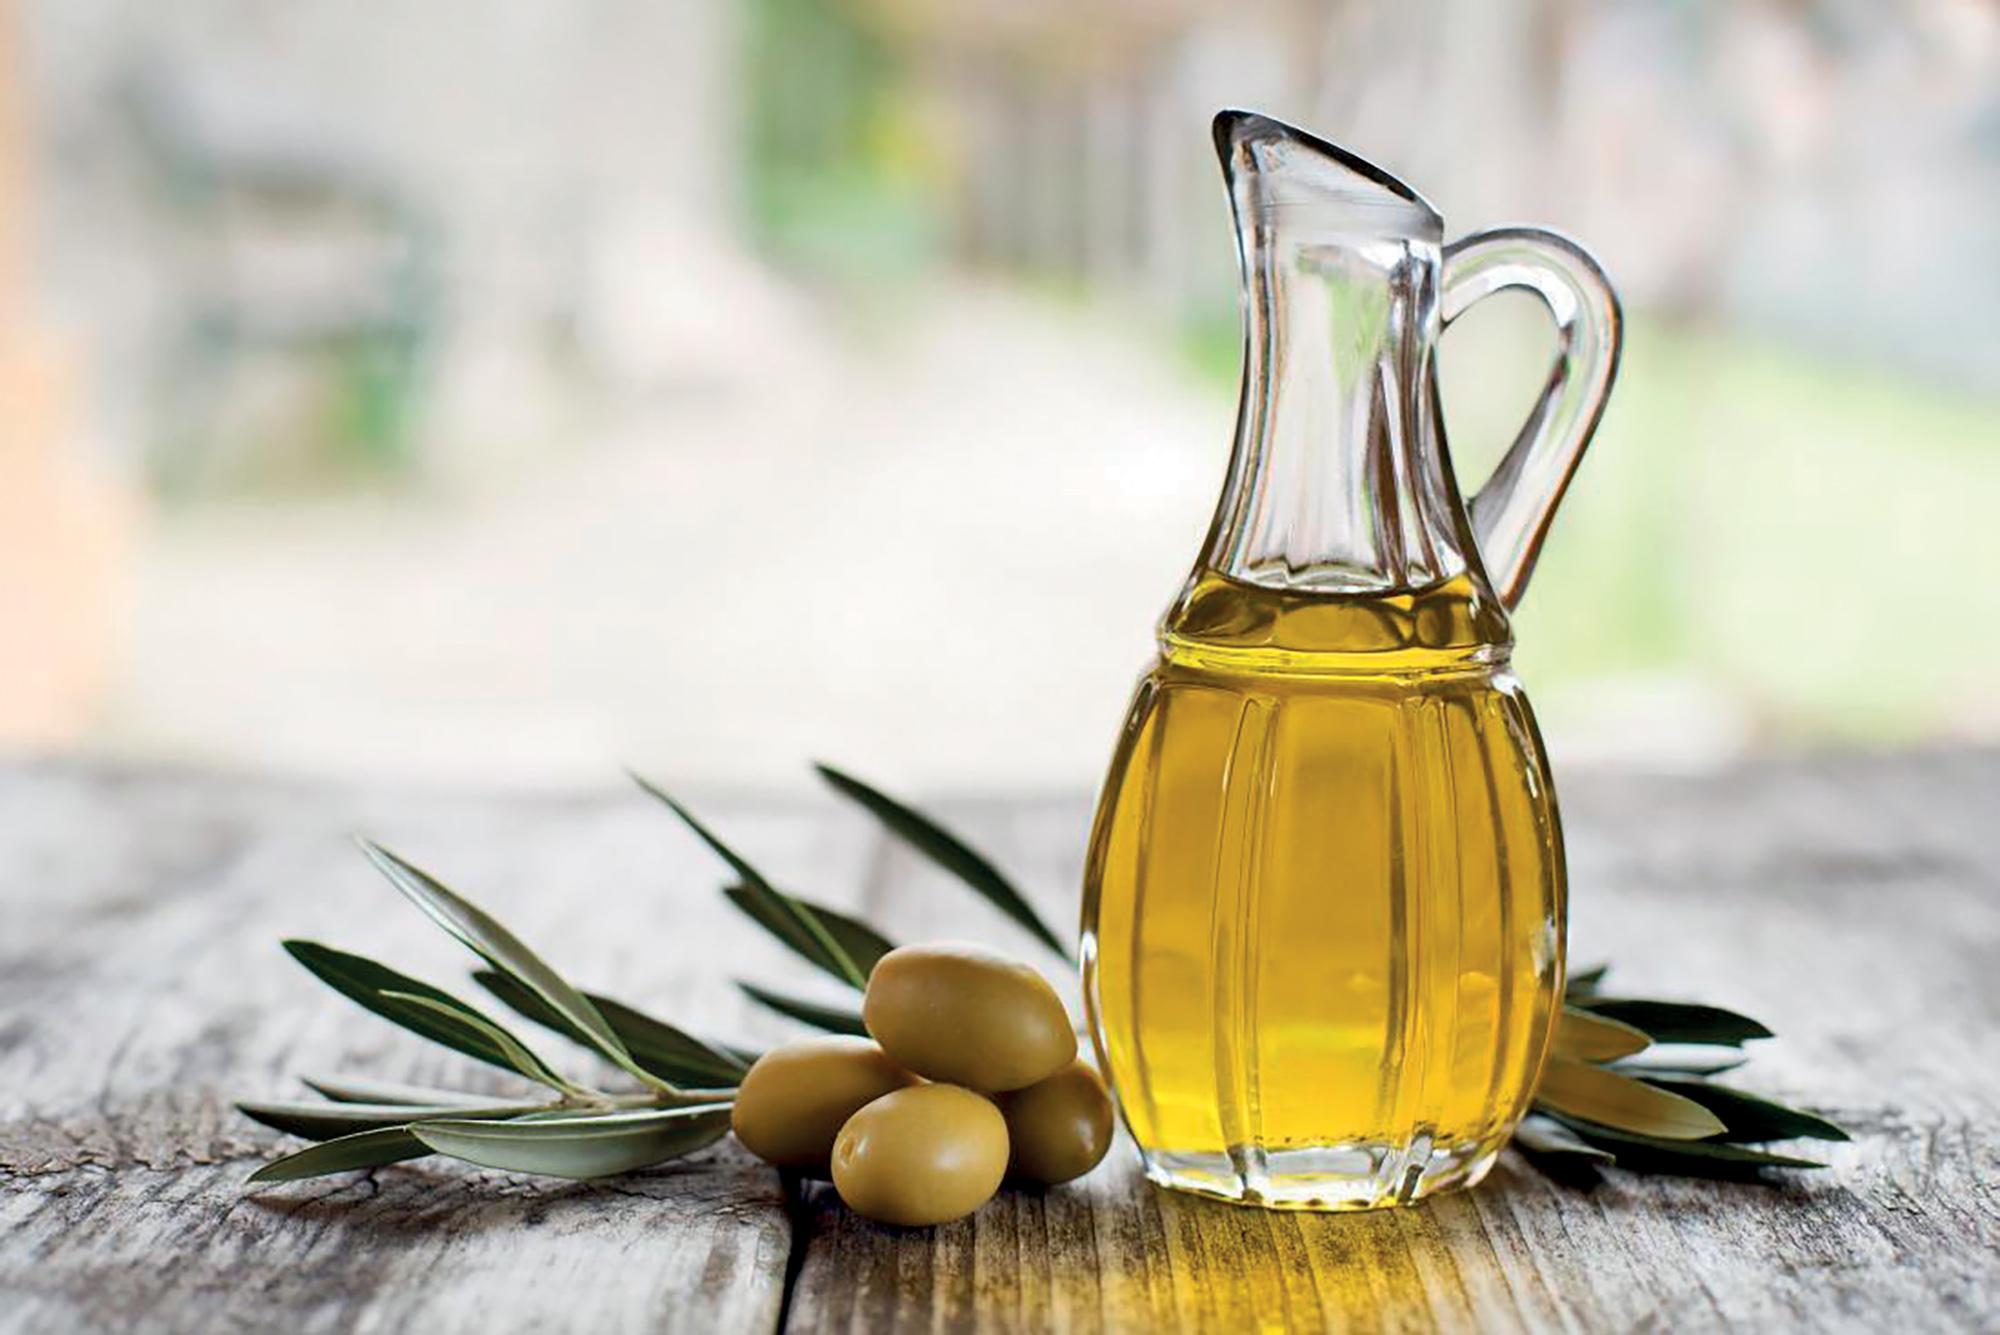 công thức làm đẹp dưỡng môi bằng dầu olive